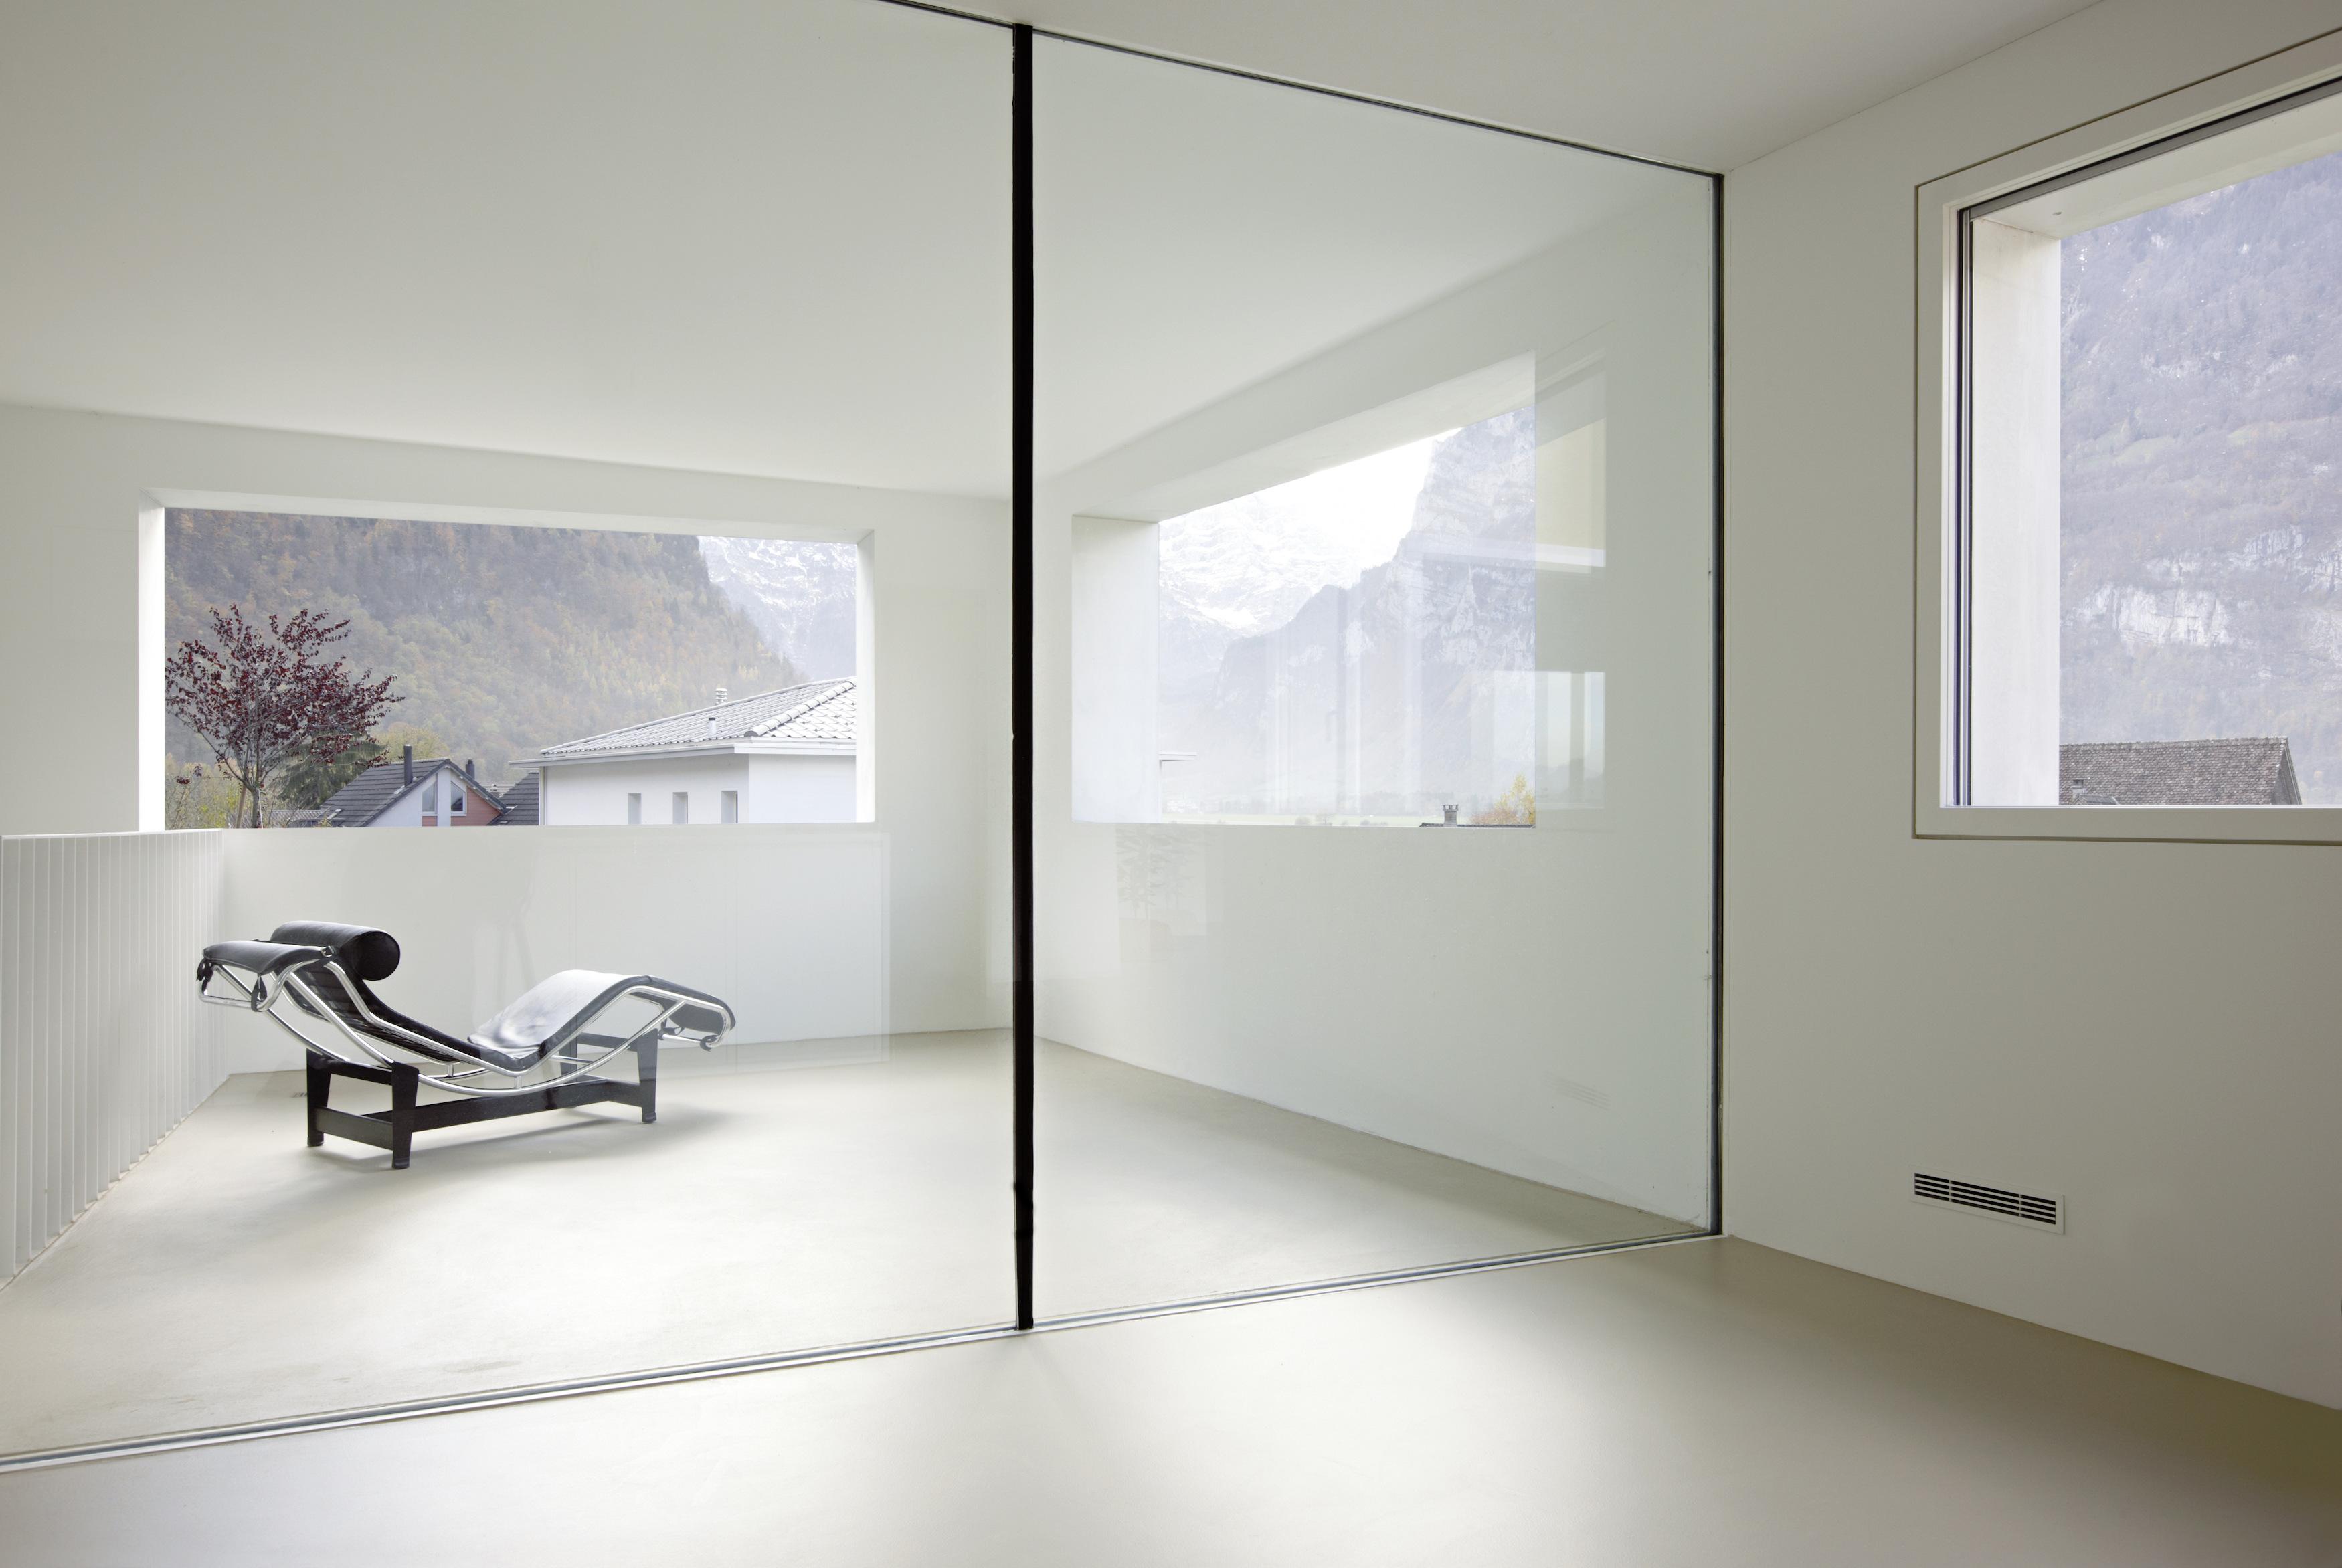 Christen architekturbüro chur wohnhaus mollis home2